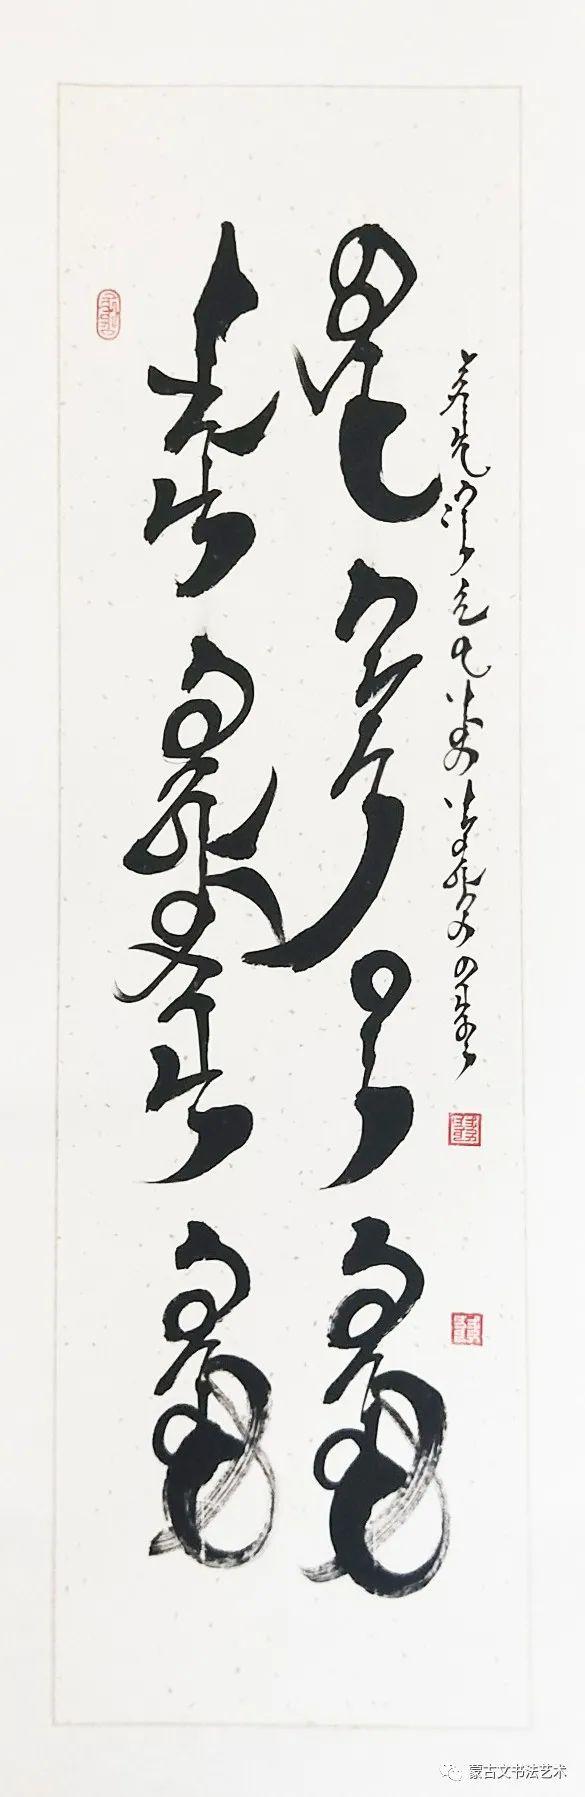 那顺德力格尔蒙古文书法 第13张 那顺德力格尔蒙古文书法 蒙古书法